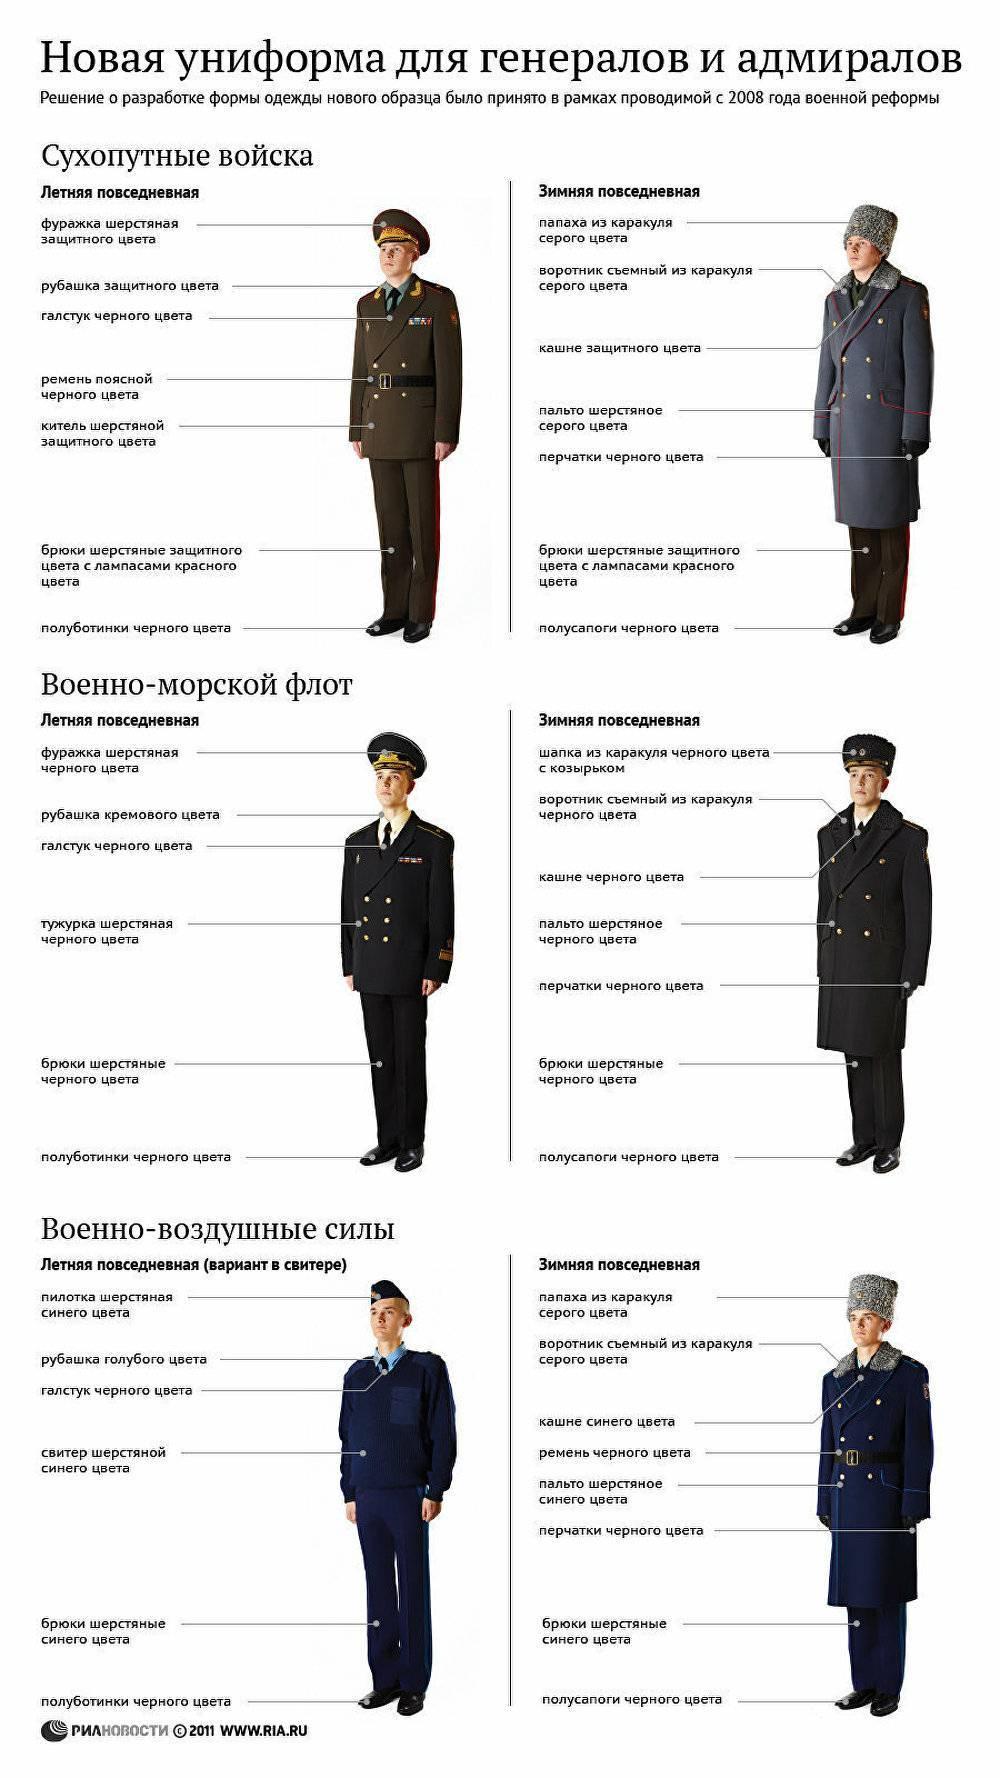 Список должностей в полиции — список для мужчин